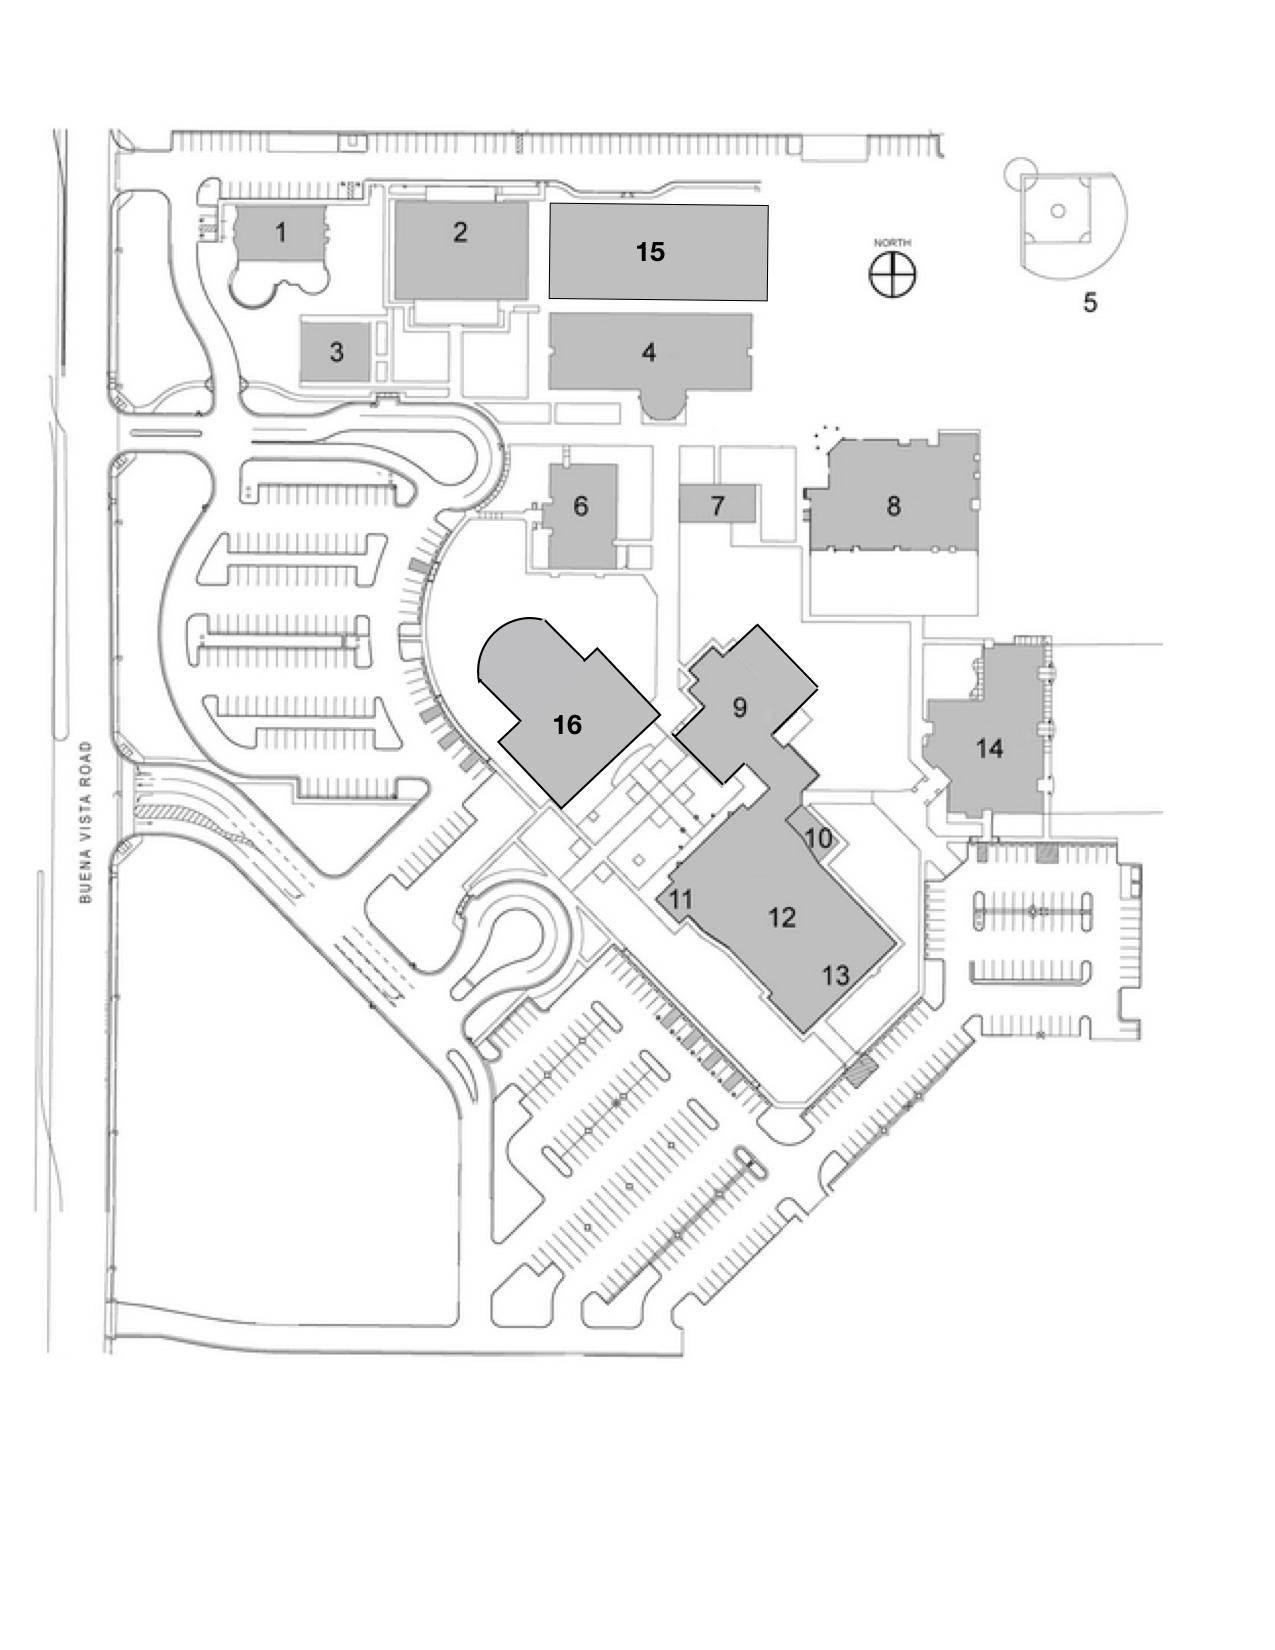 Full Campus Map